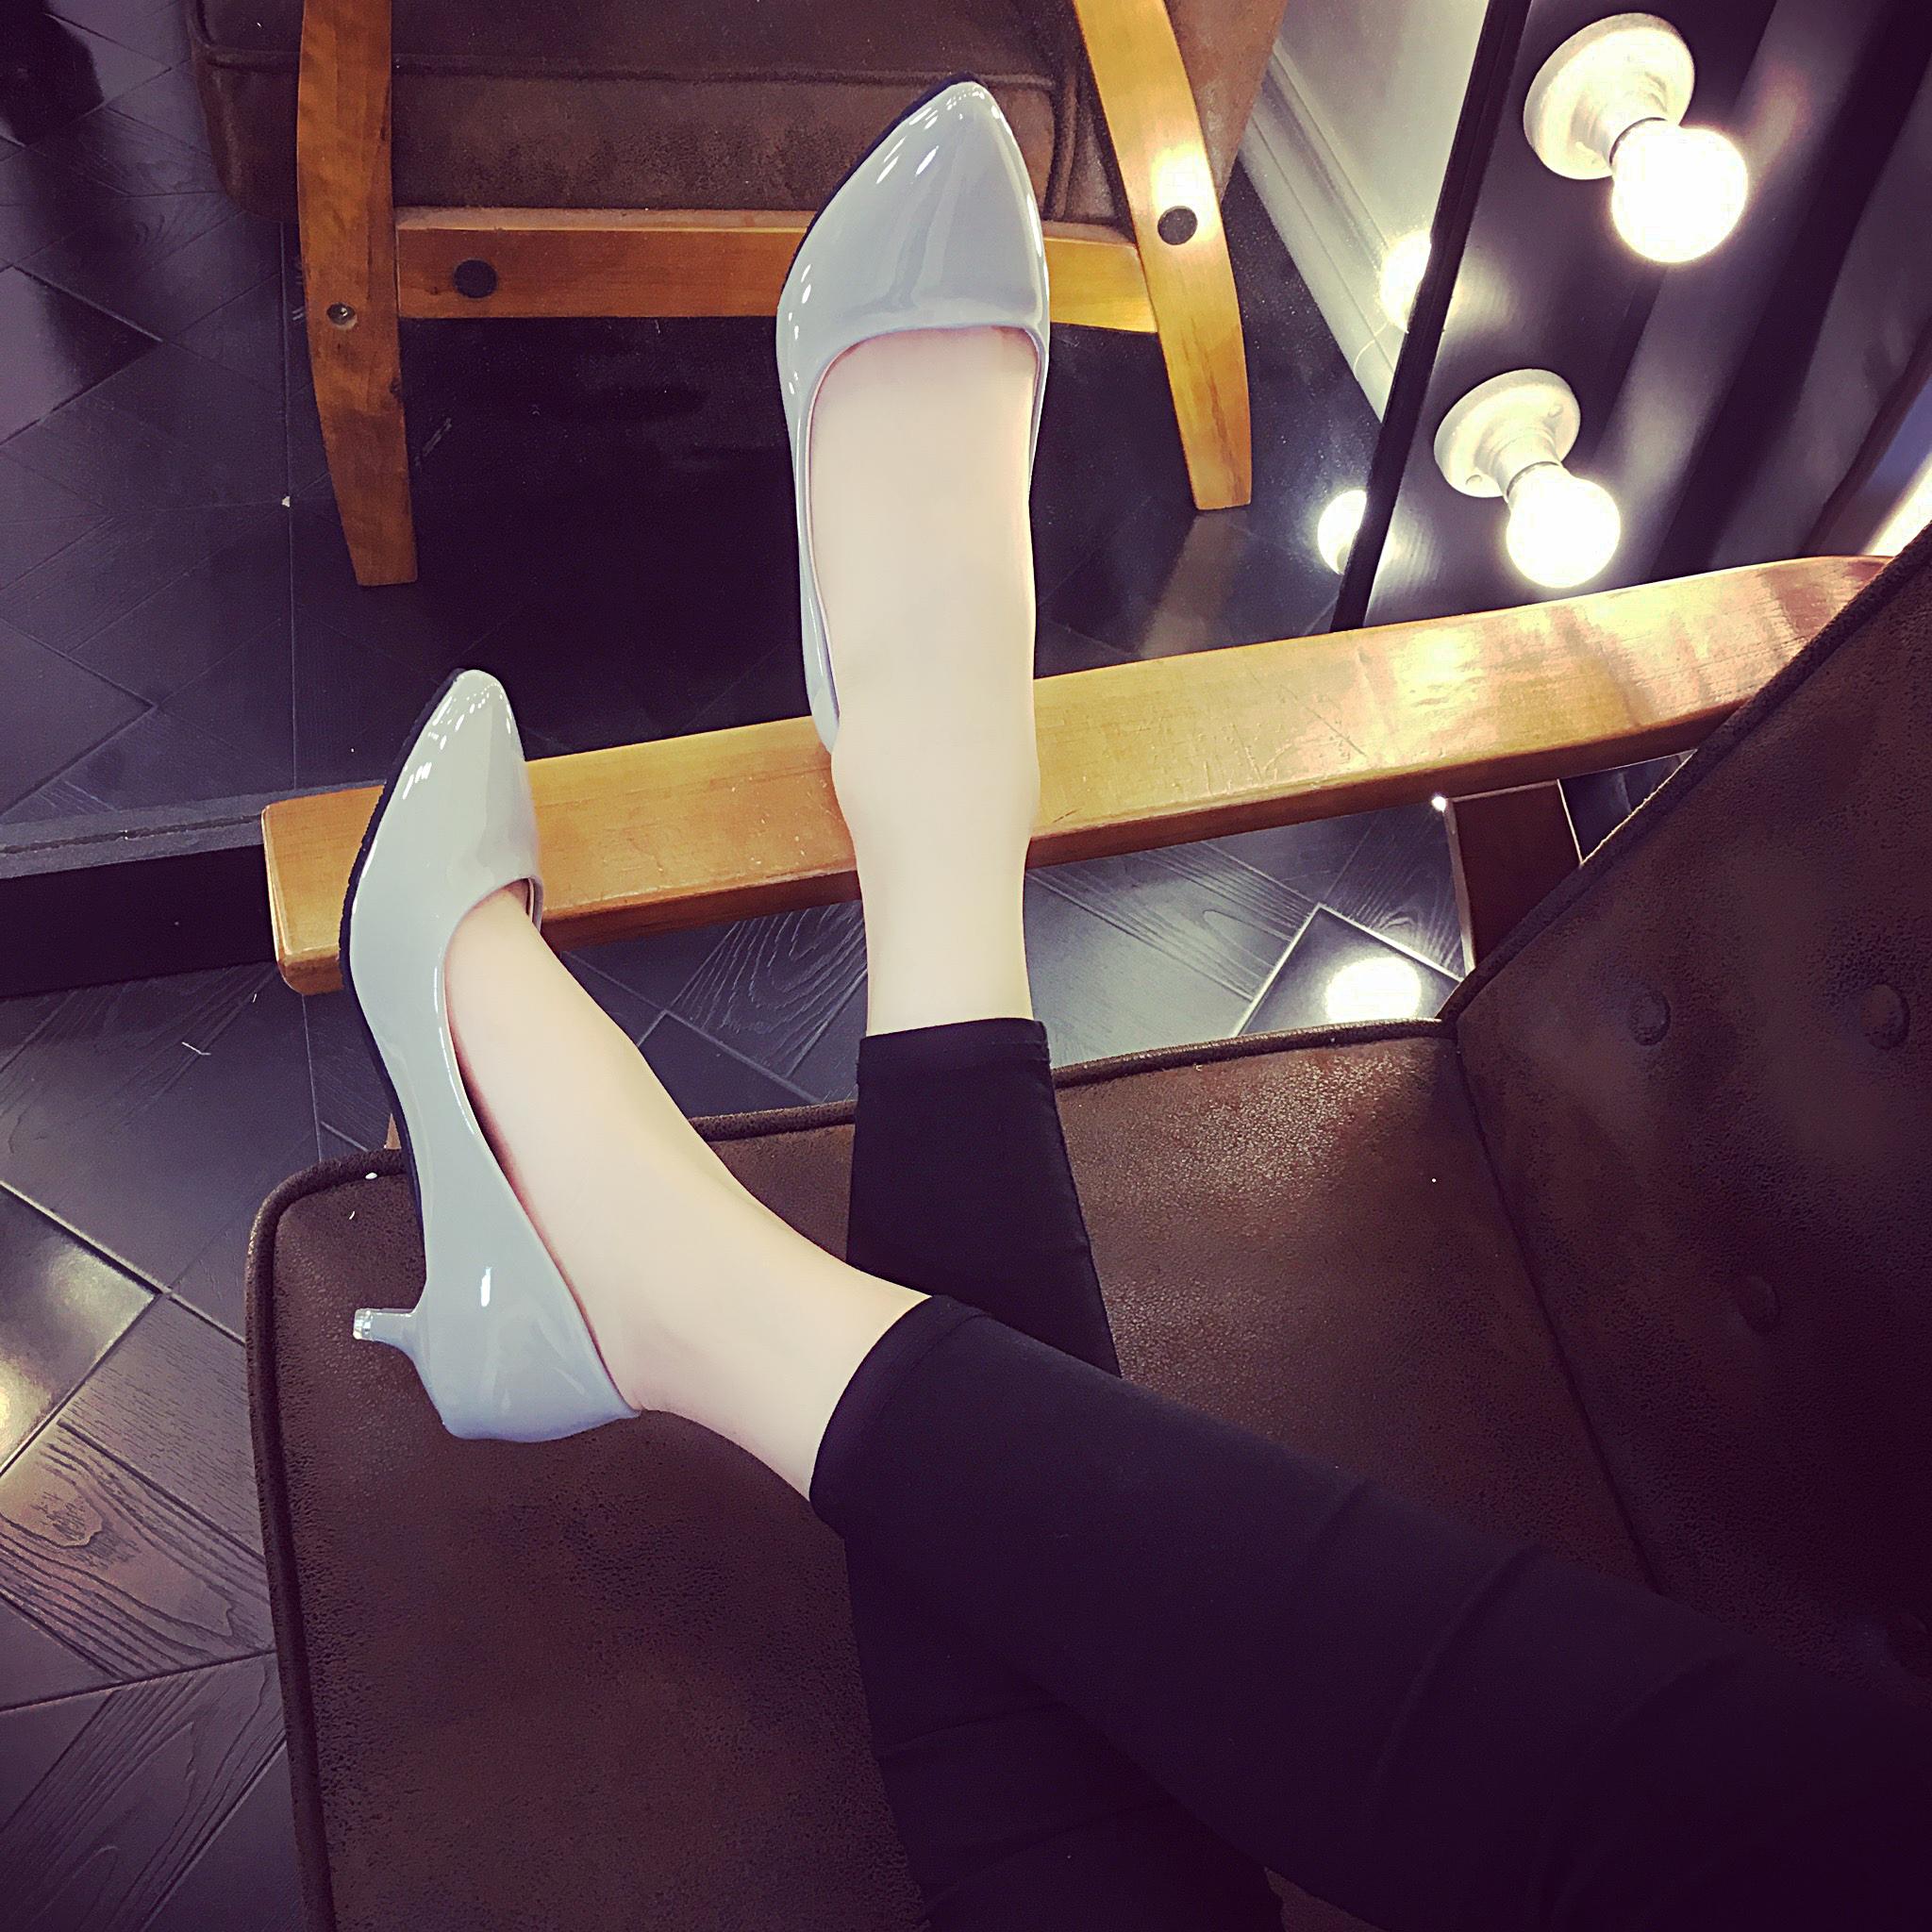 漆皮高跟单鞋 高跟鞋细跟低跟尖头矮跟女夏小跟百搭漆皮性感春秋浅口工作鞋单鞋_推荐淘宝好看的女漆皮高跟单鞋